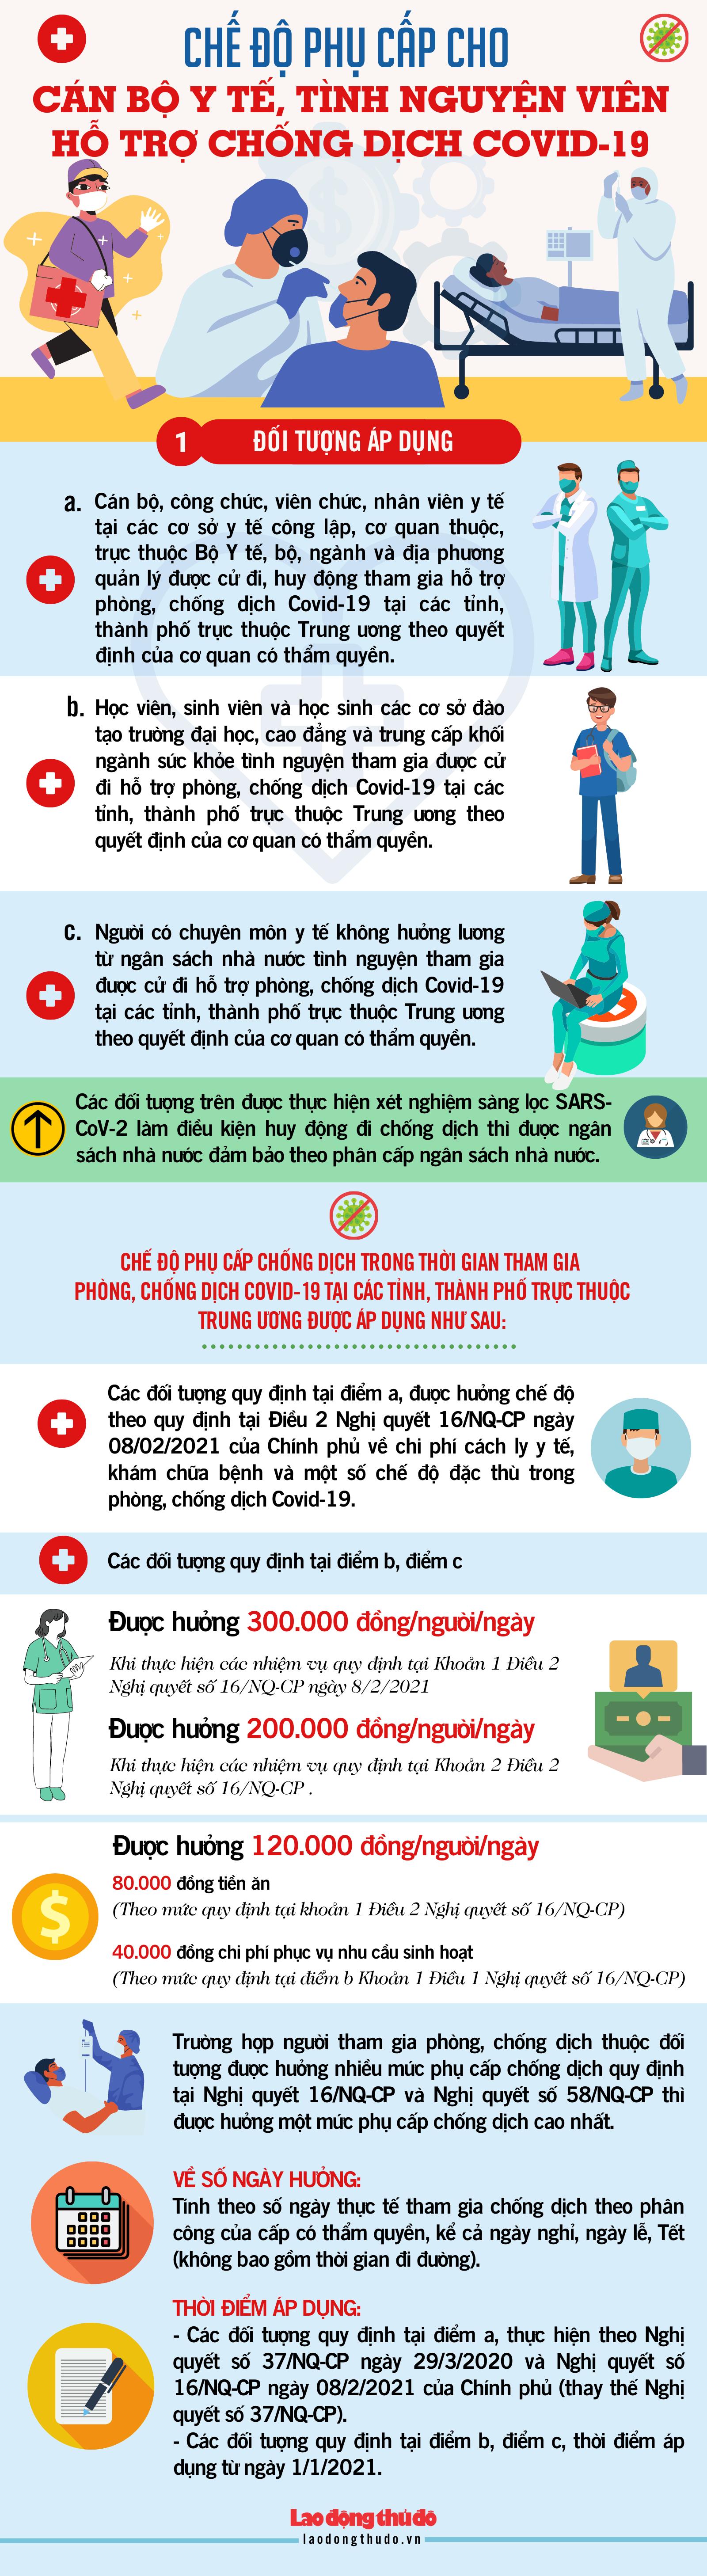 [Infographic] Chế độ phụ cấp cho cán bộ y tế, tình nguyện viên hỗ trợ chống dịch Covid-19